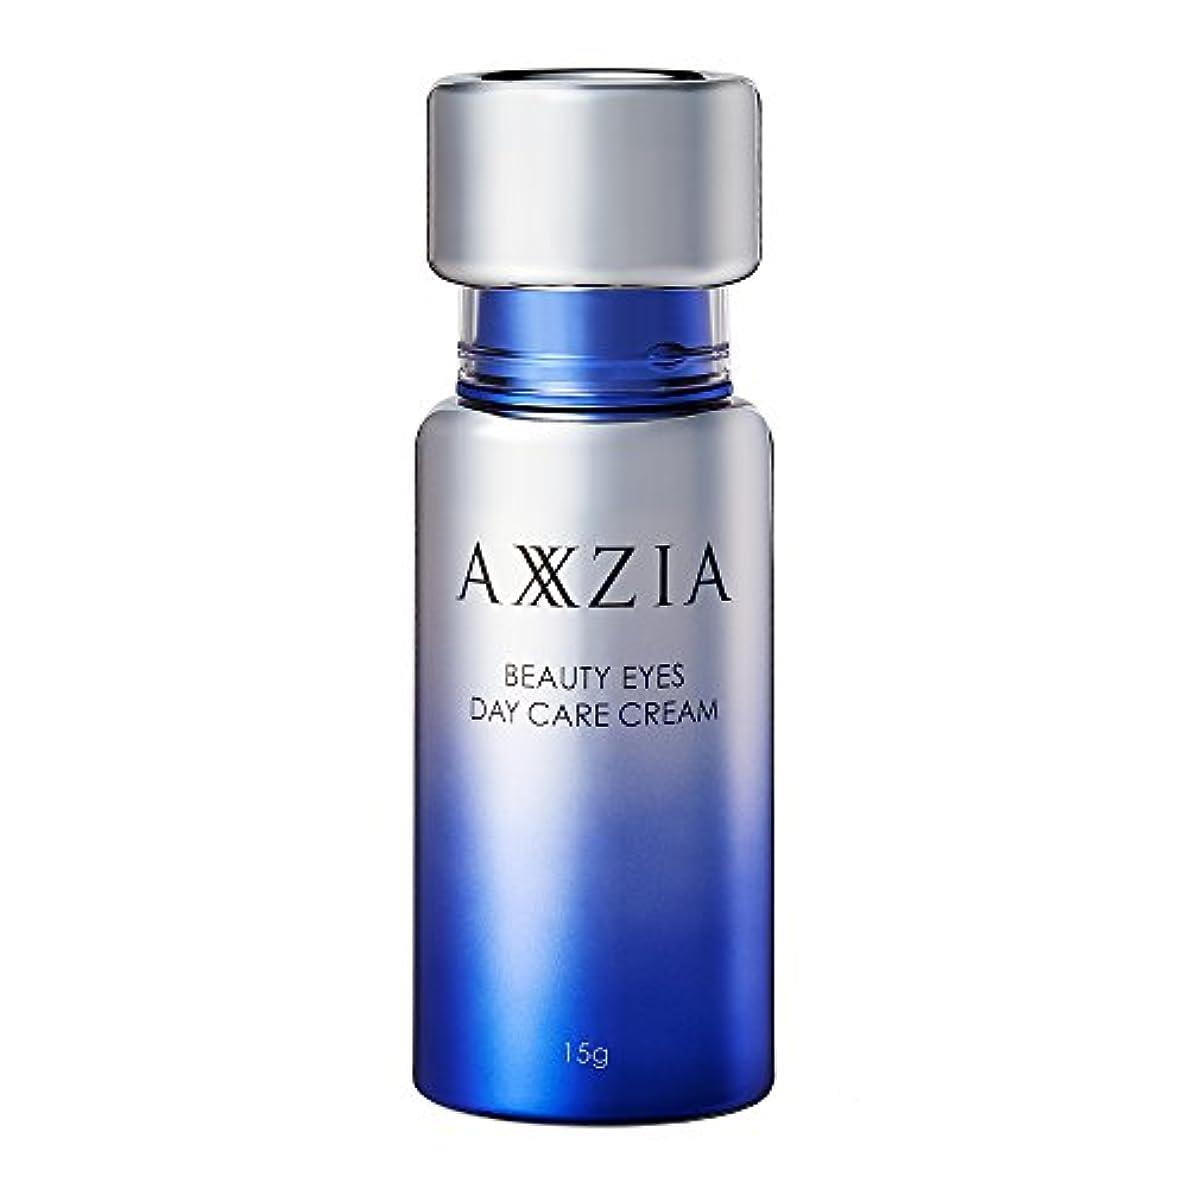 王族ぺディカブアヒルアクシージア (AXXZIA) ビューティアイズ デイ ケア クリーム 15g   アイクリーム 目の下のたるみ 化粧品 解消 目元のたるみ